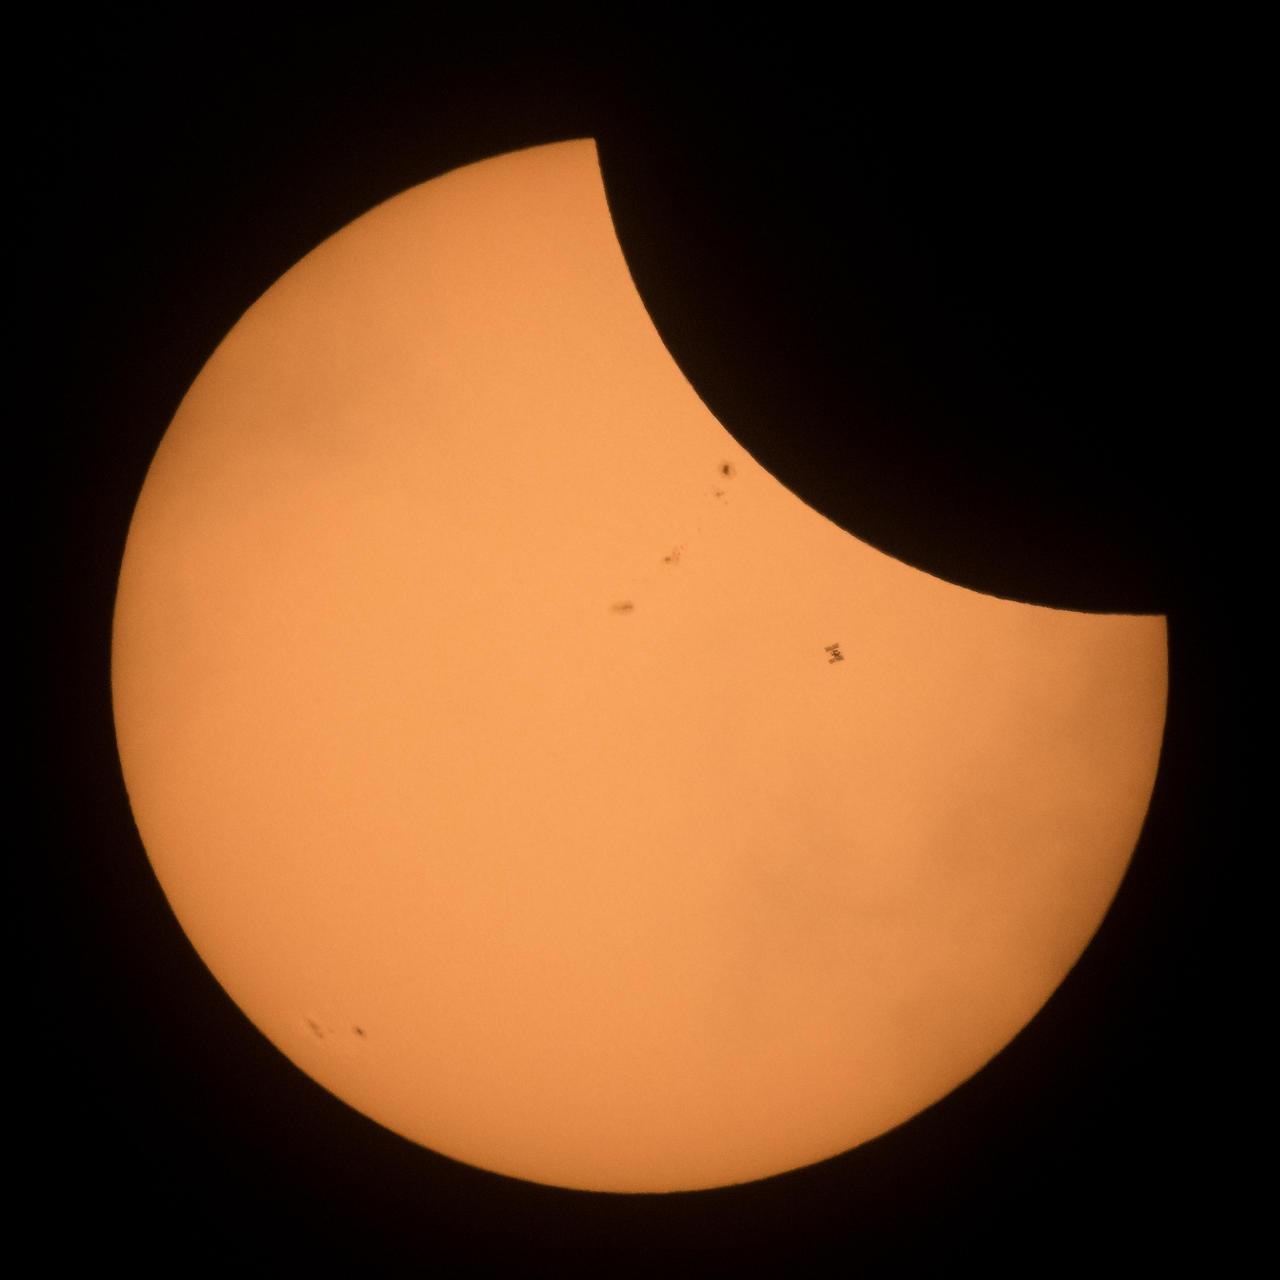 Солнечное затмение над США. Фотографии